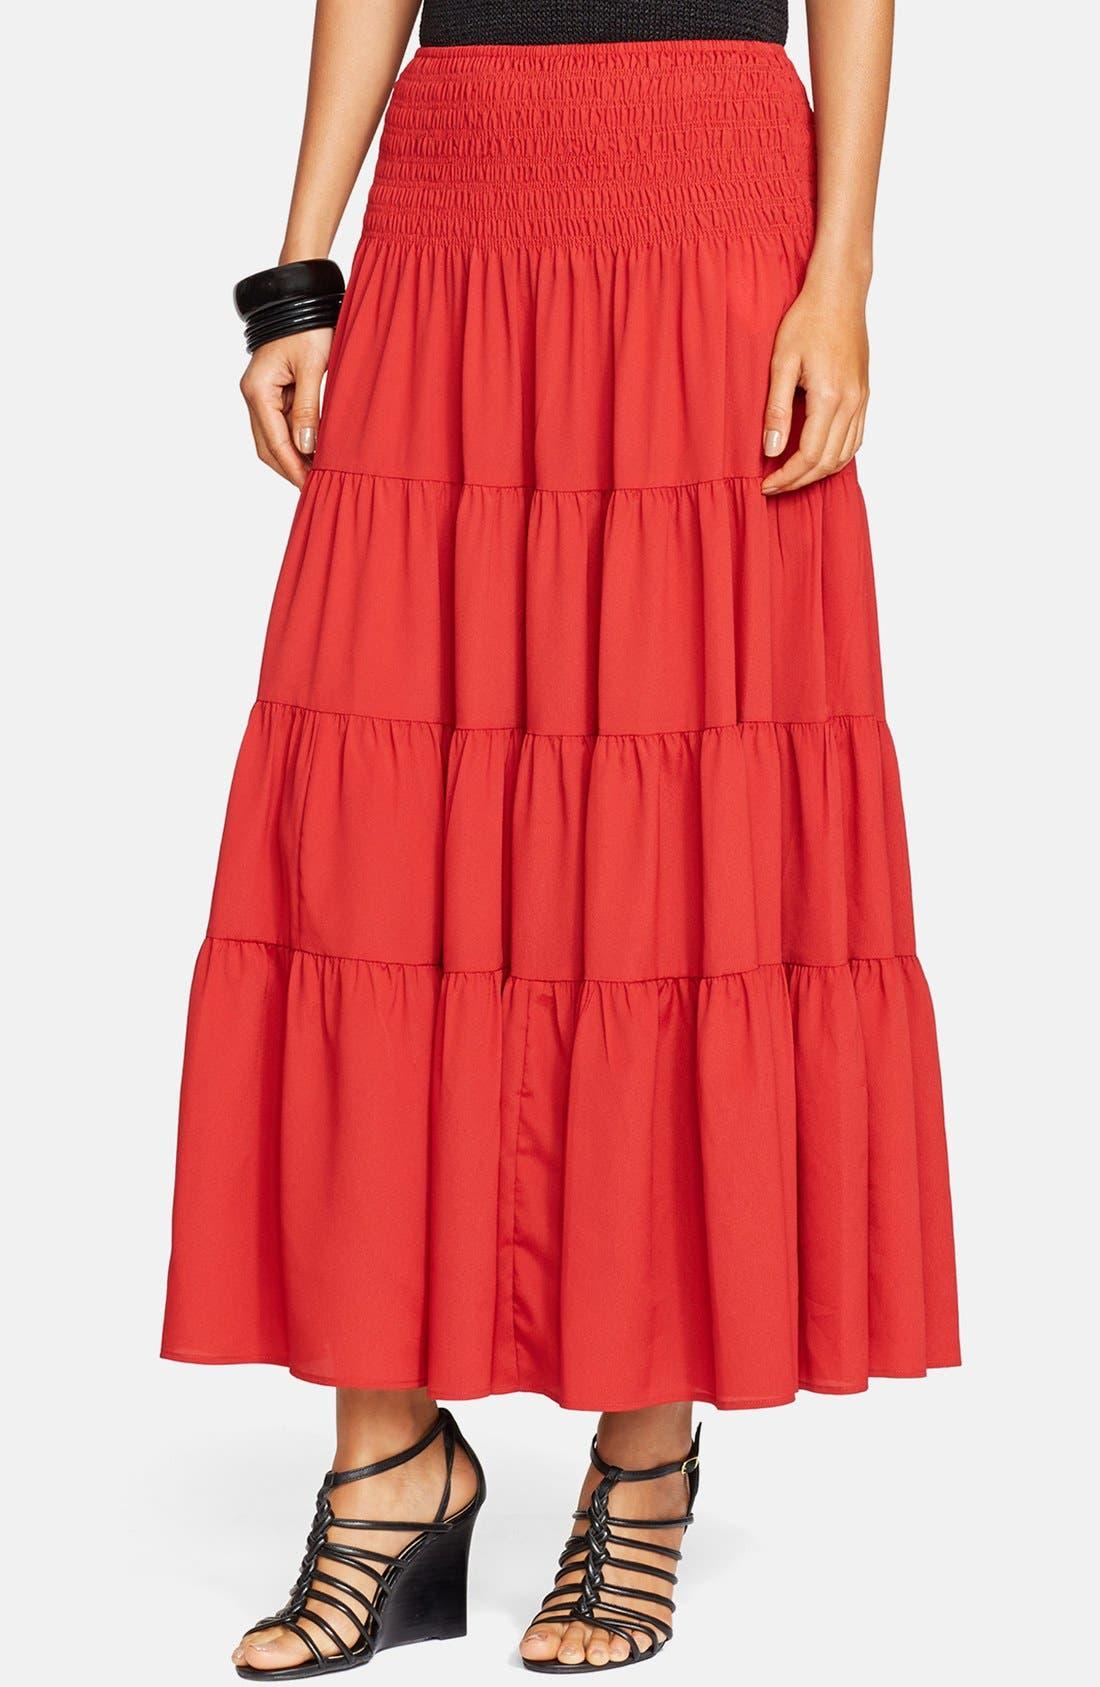 Alternate Image 1 Selected - Lauren Ralph Lauren Ruffled Tier Maxi Skirt